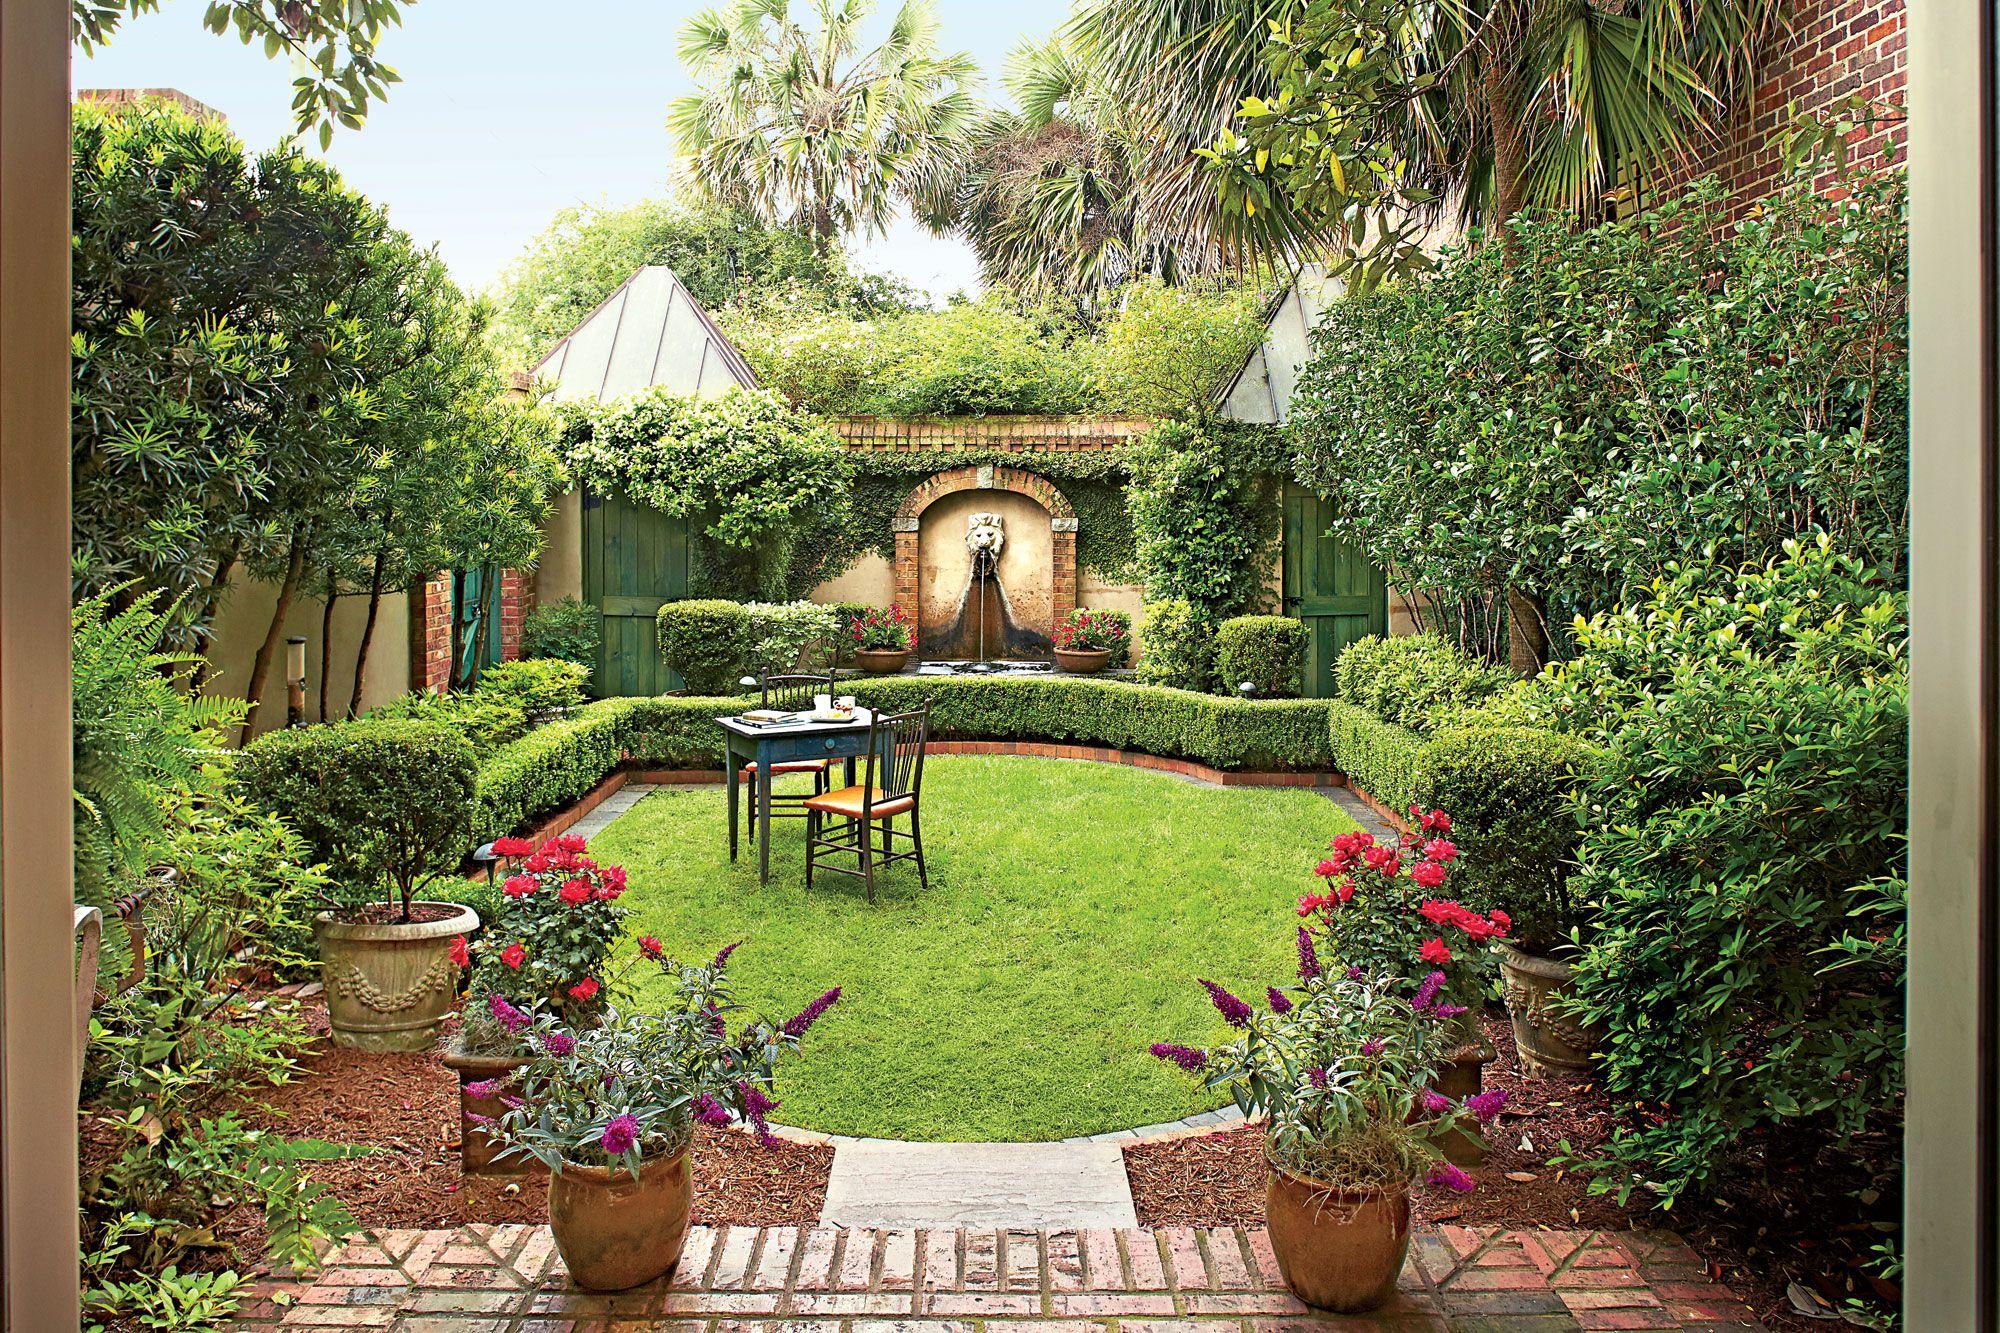 Virginia English Country Garden Small Courtyard Gardens 400 x 300